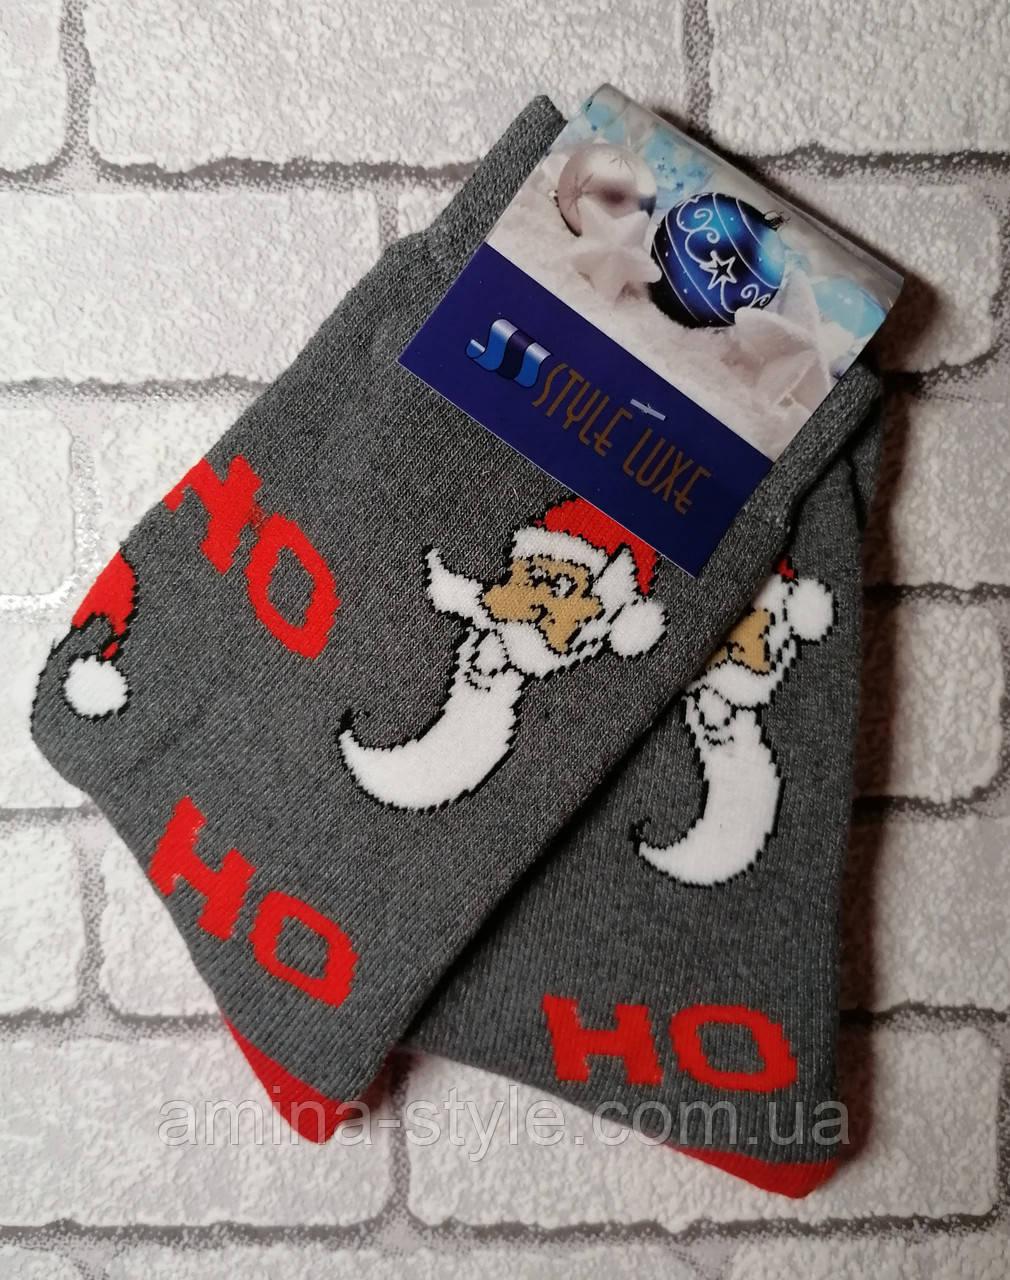 Мужские махровые носки Новогодние, разные цвета